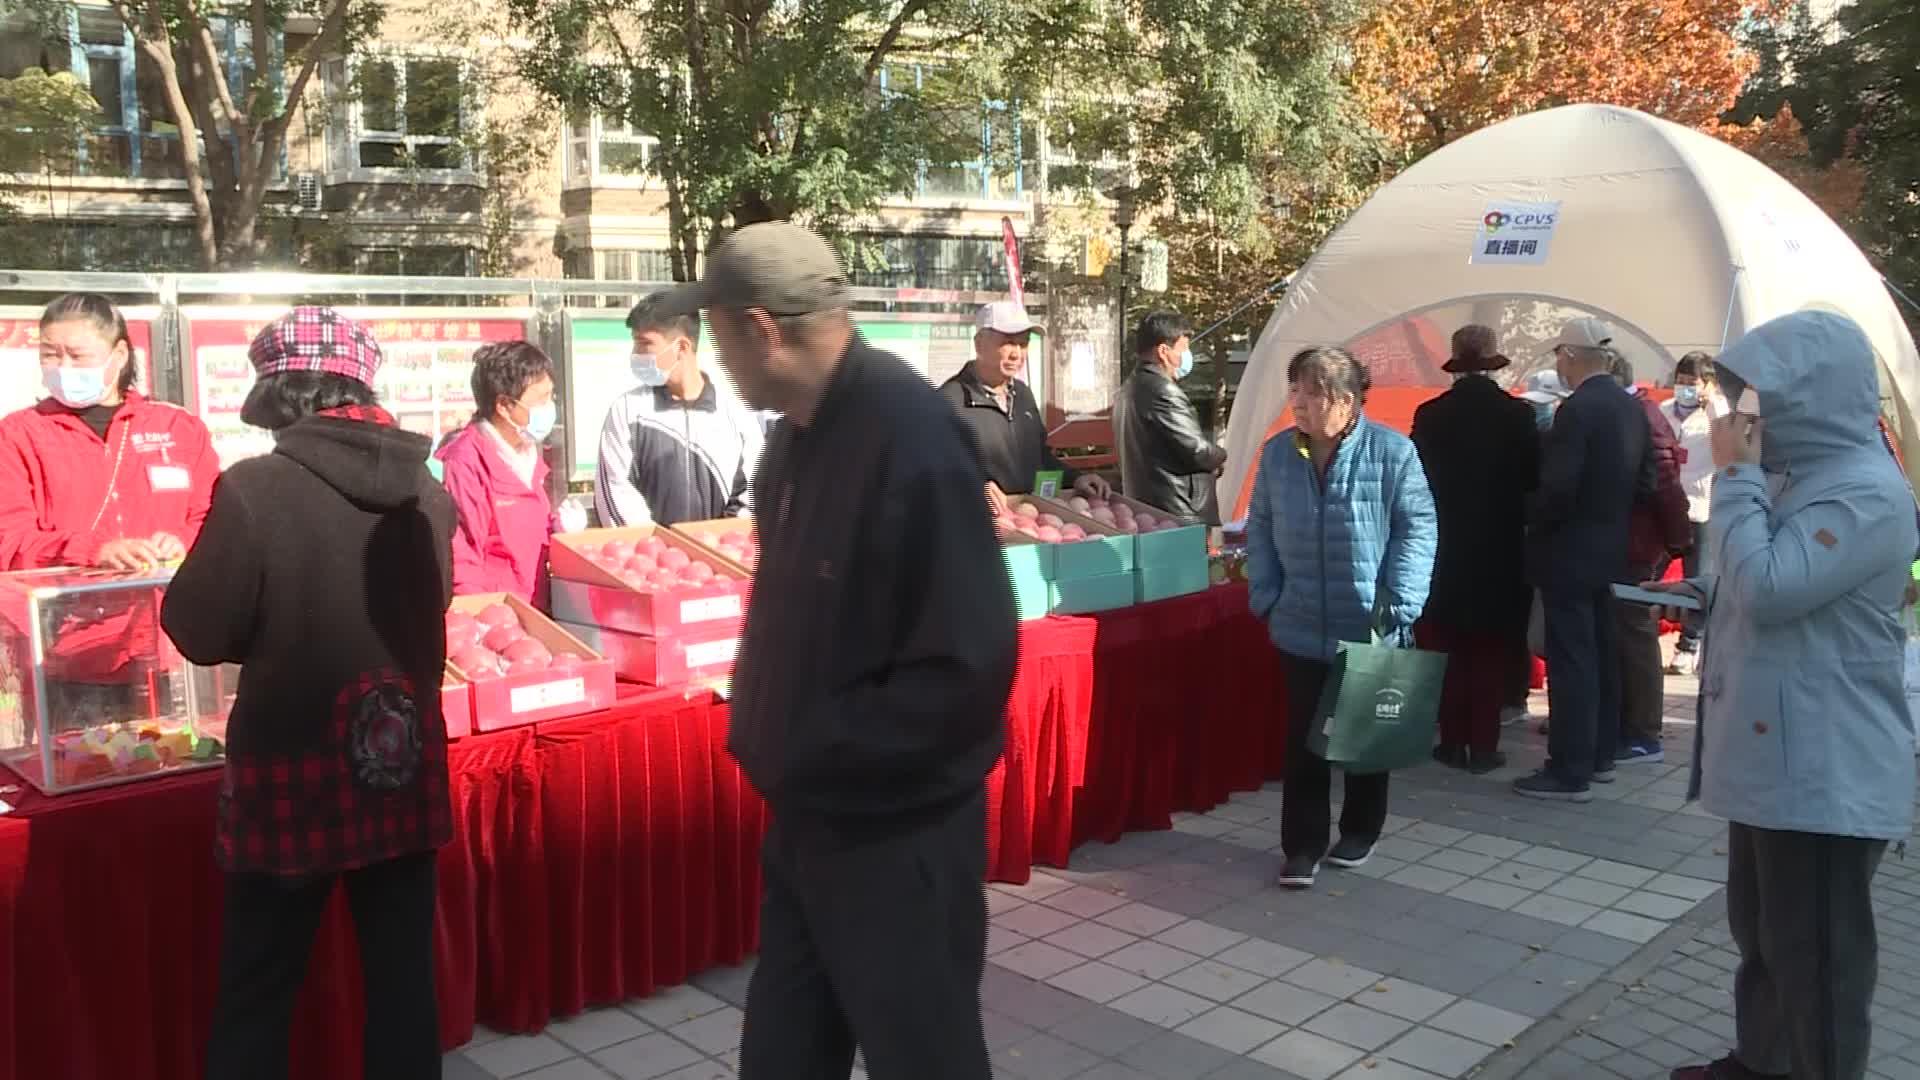 昌平苹果进社区掀起昌平第十七届苹果文化节系列活动高潮